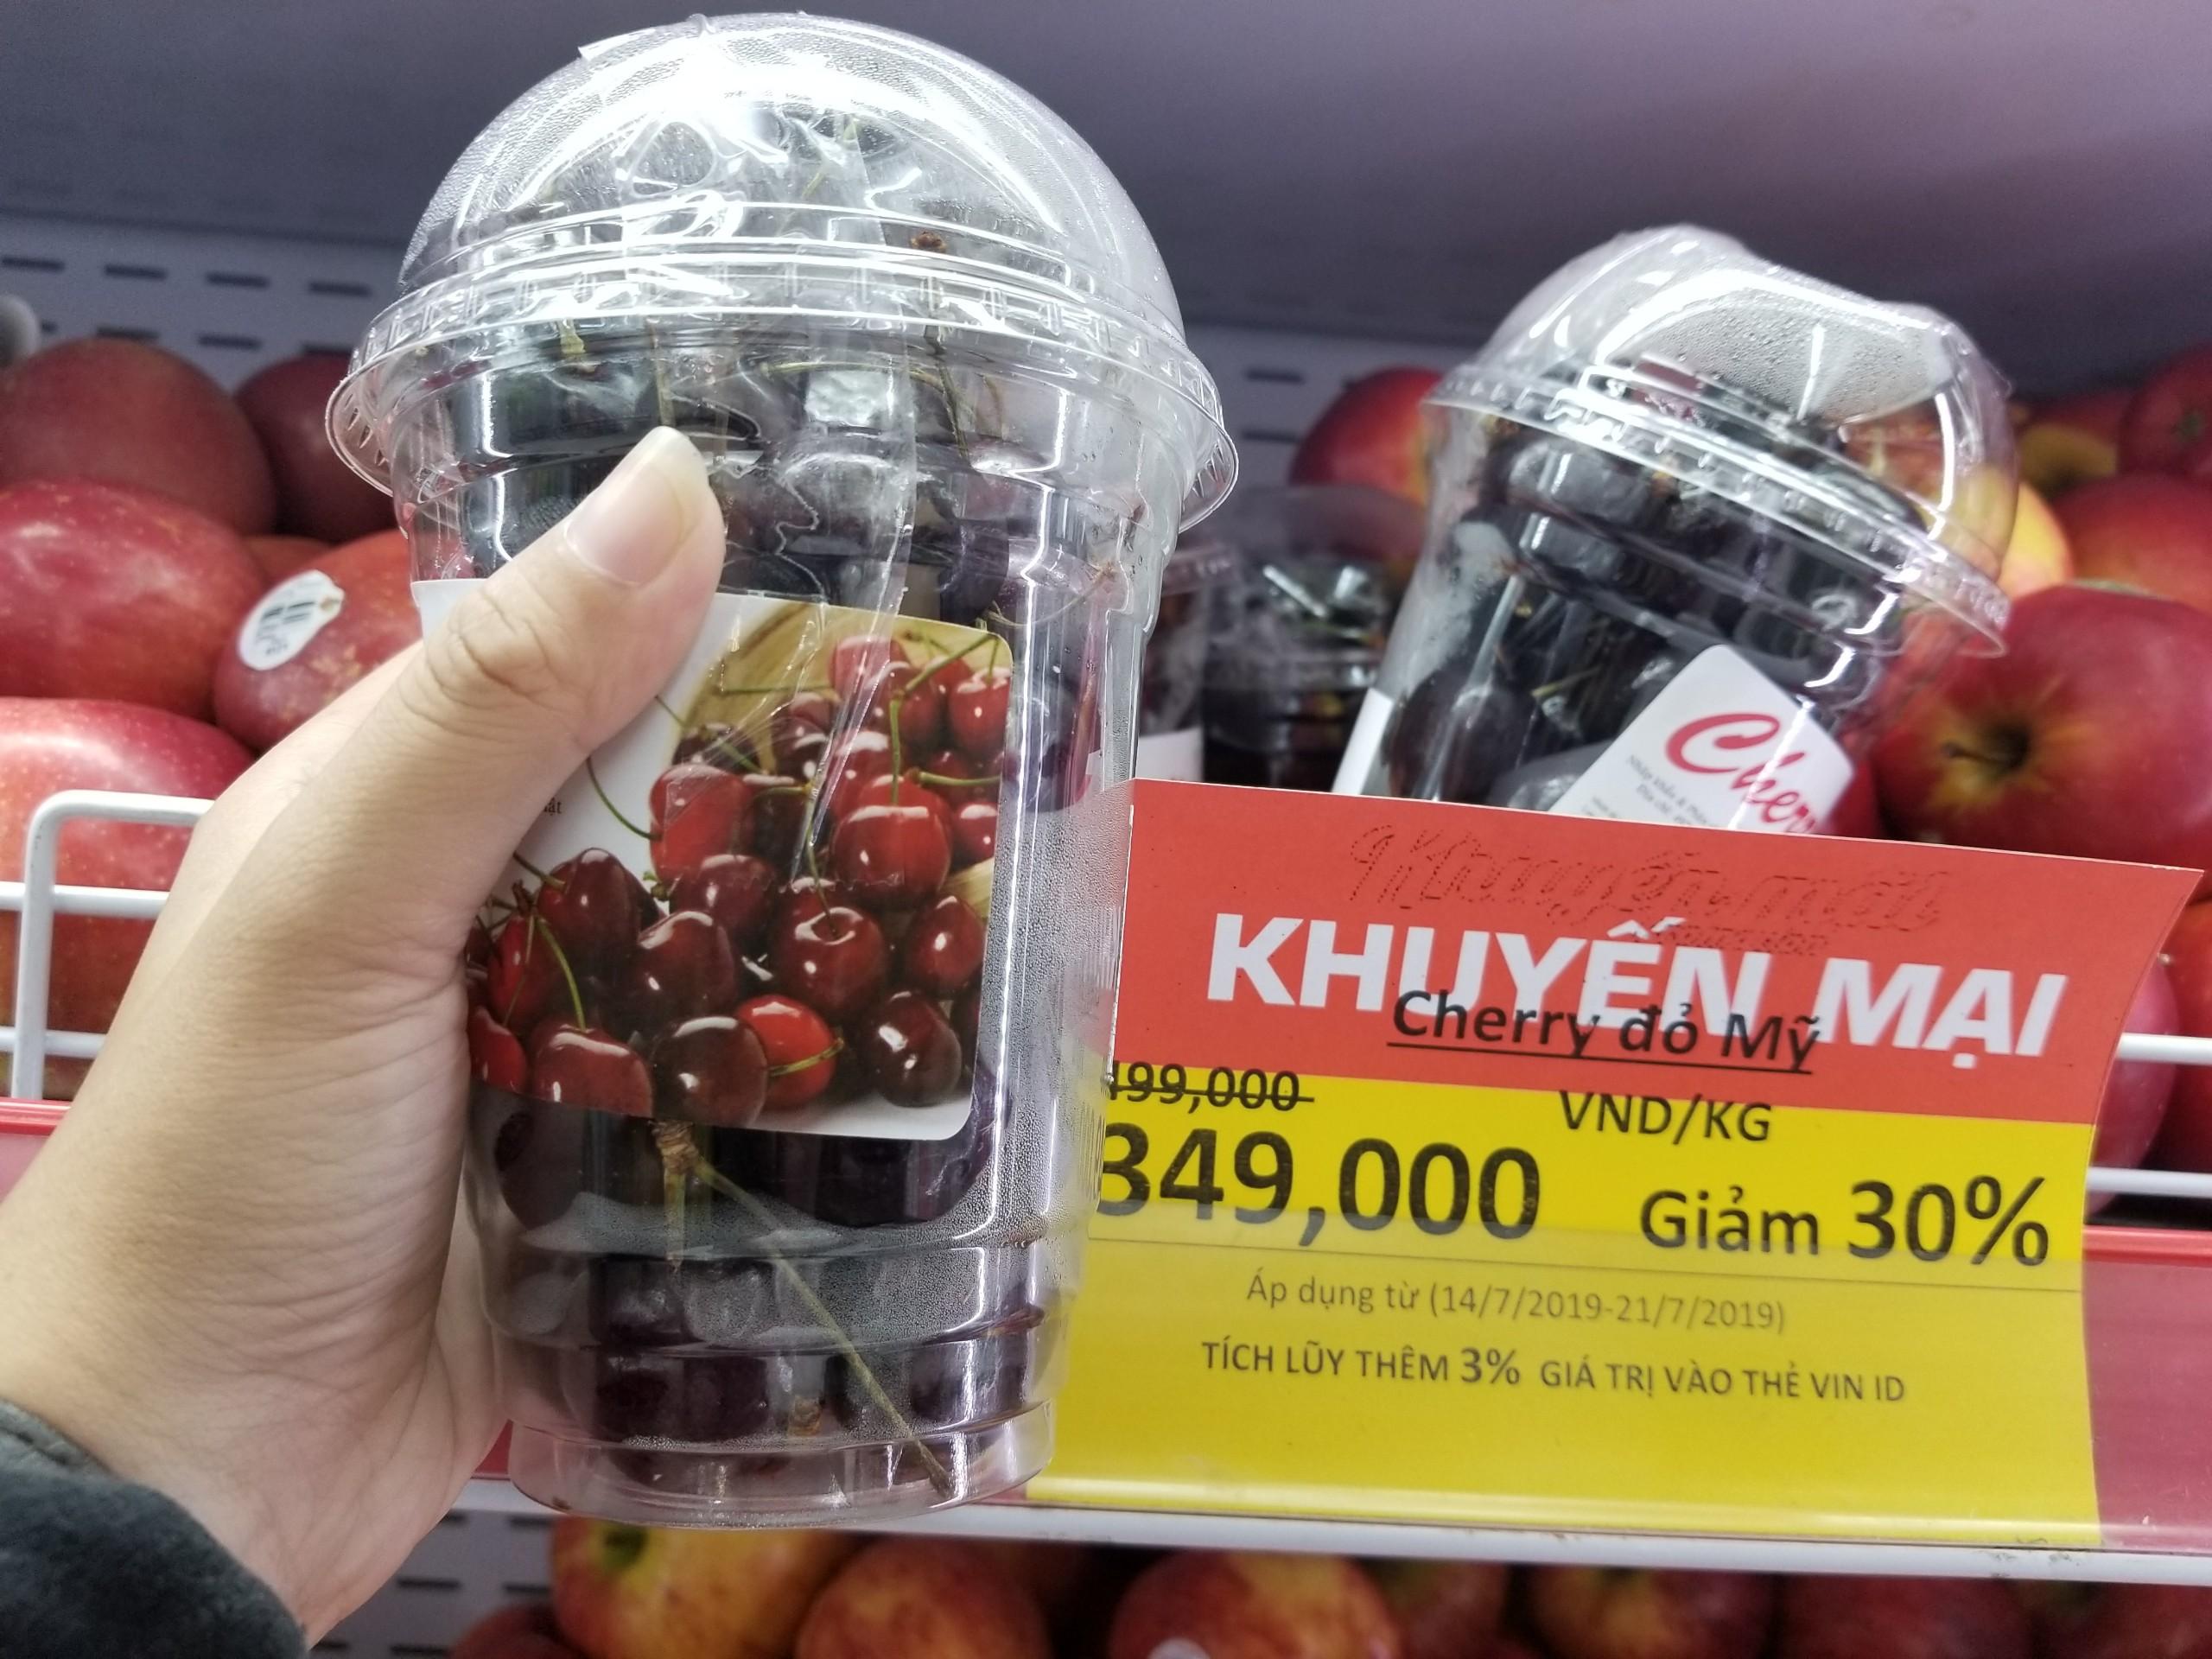 Cherry đỏ Mỹ tại hệ thống Vinmart. Ảnh: PV